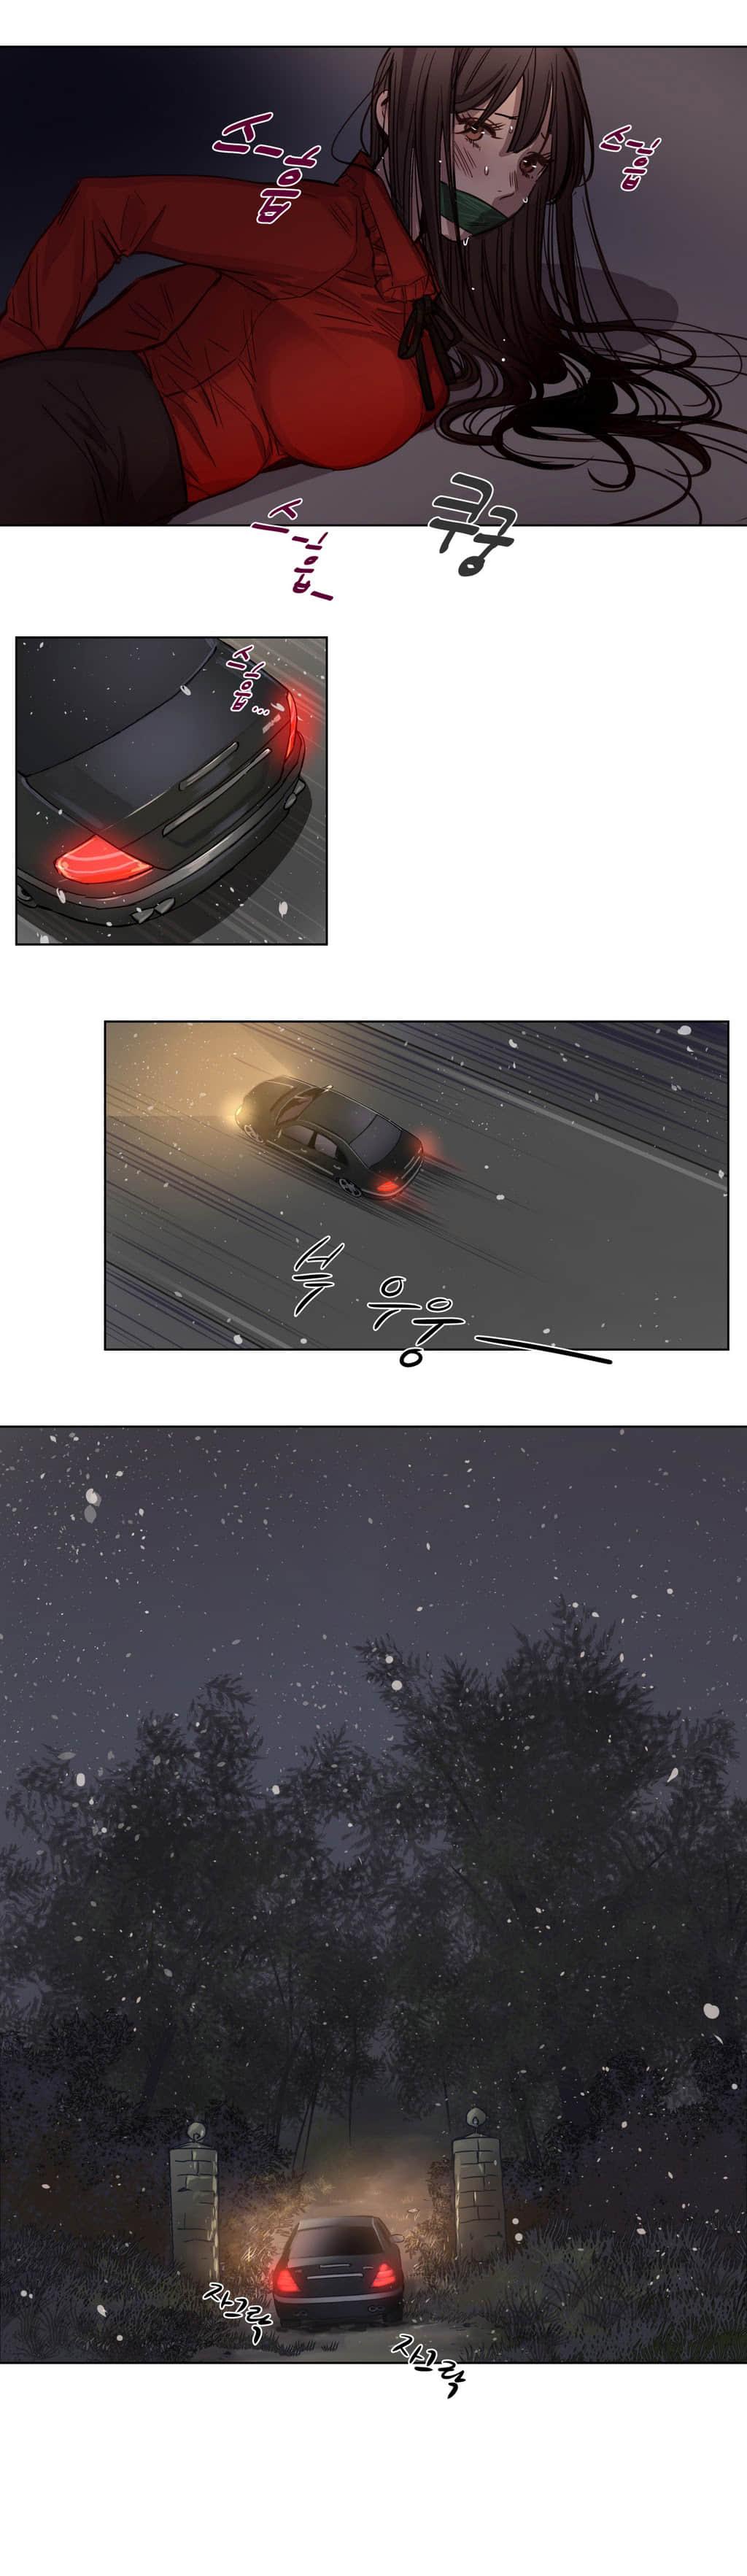 女巫闹闹2021今日韩国漫画